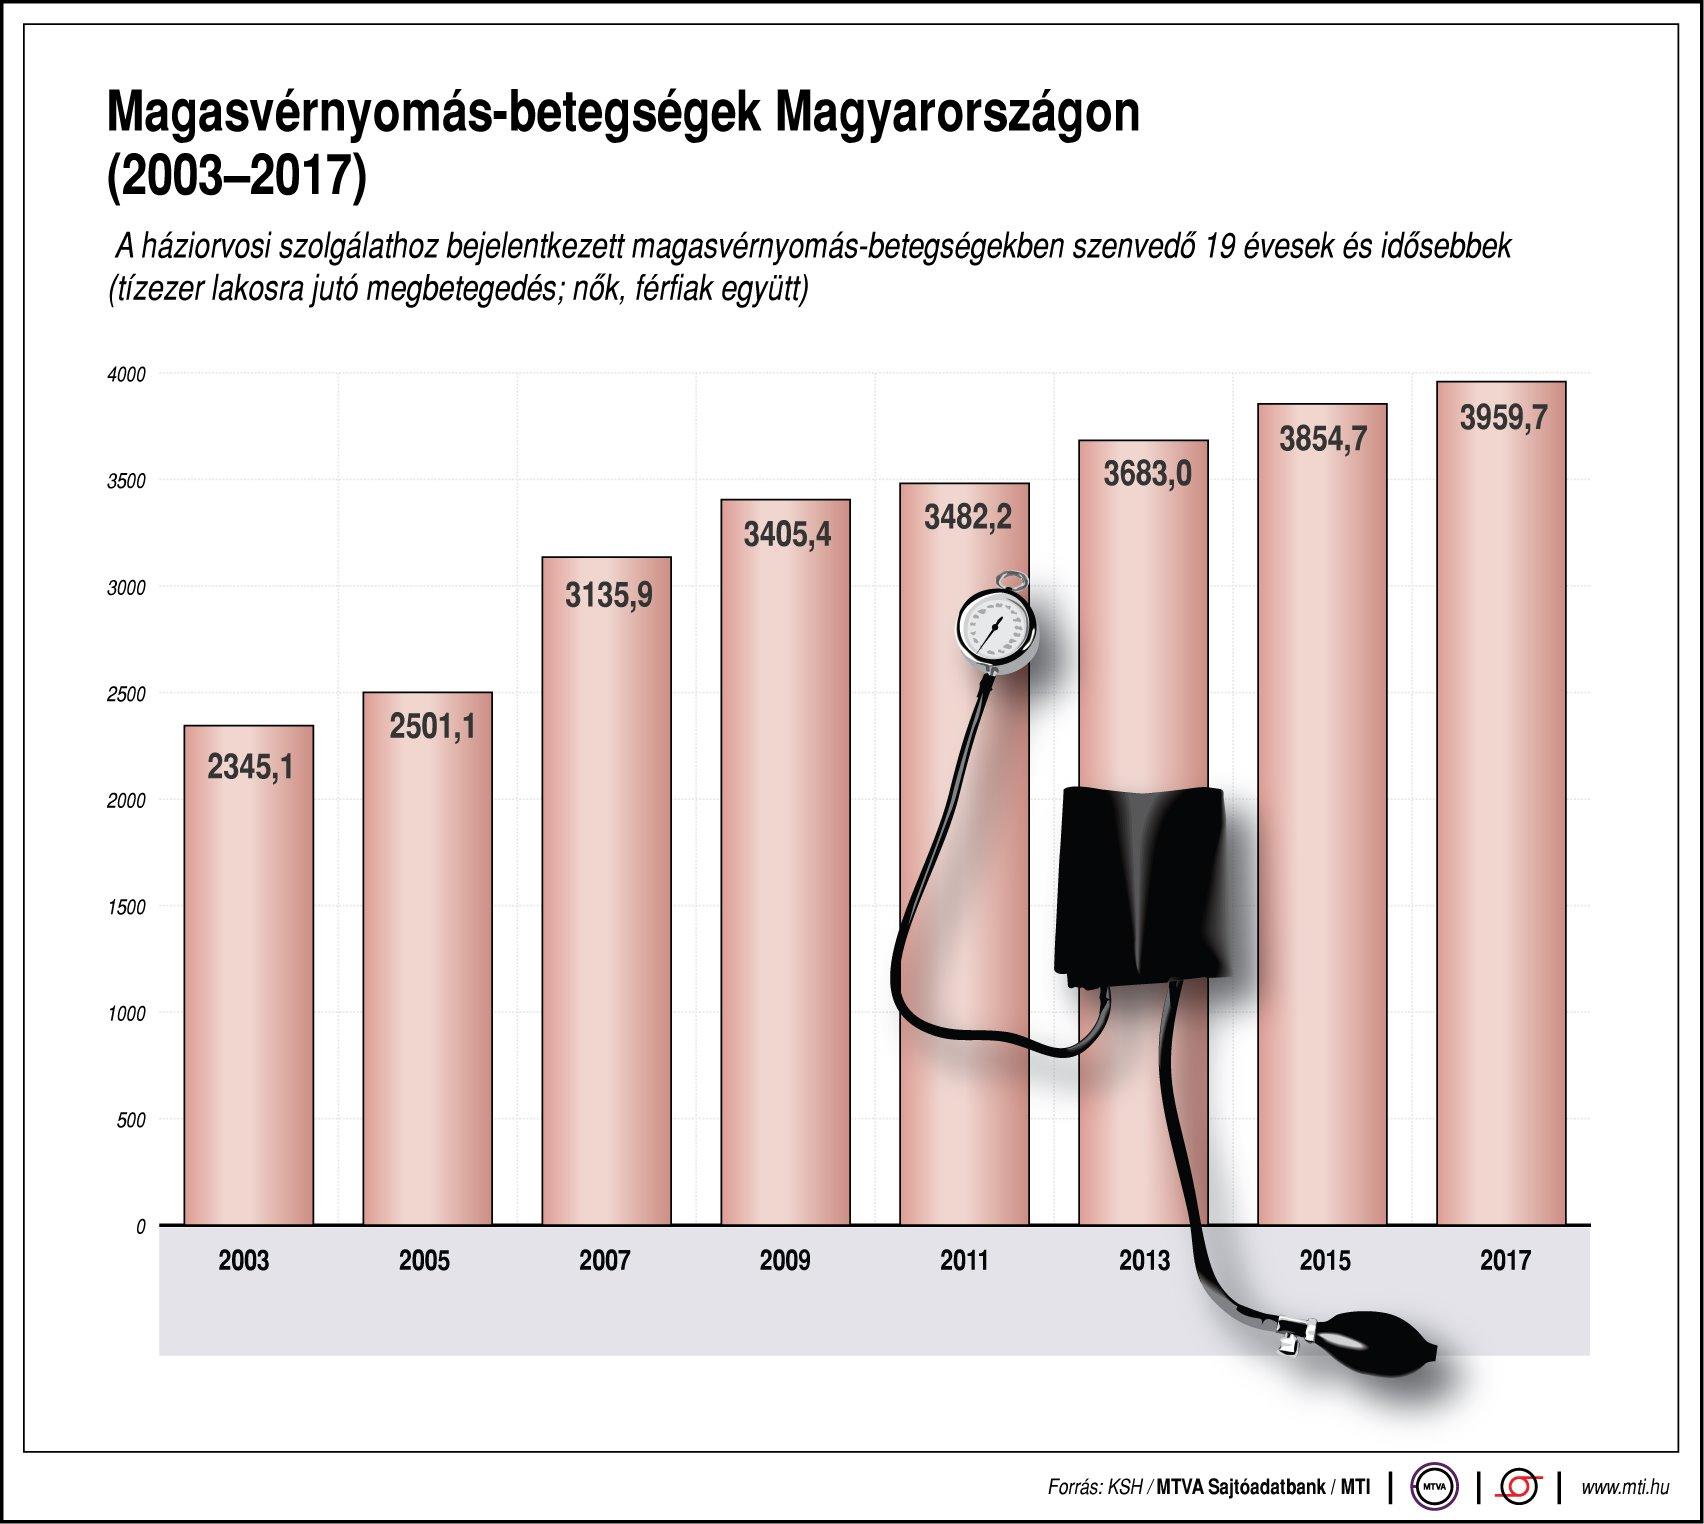 a magas vérnyomás tavaszi súlyosbodása